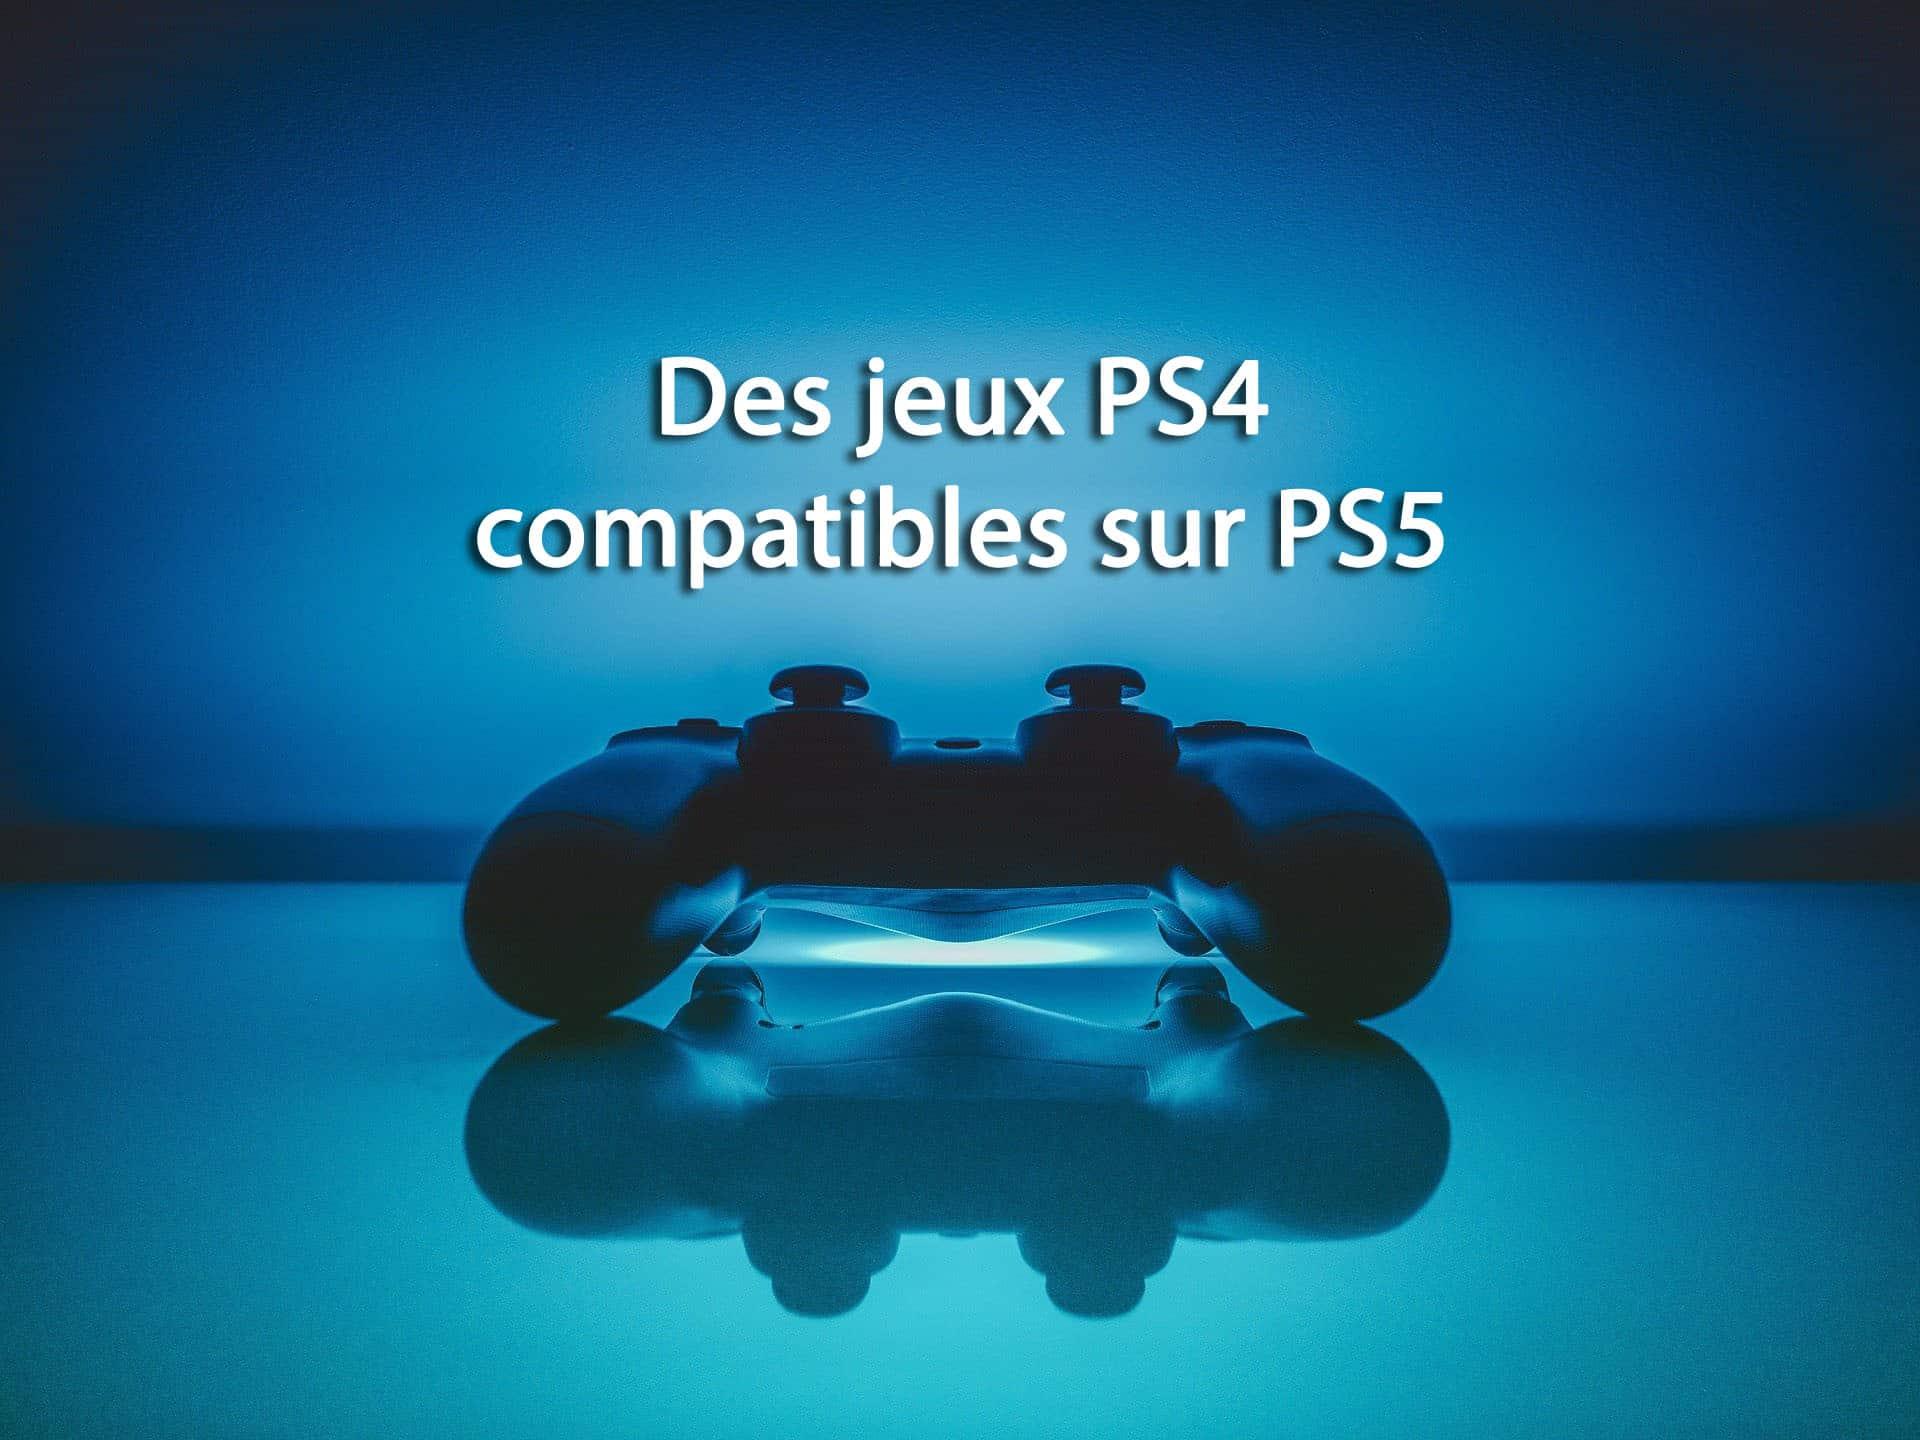 Des jeux PS4 compatibles sur PS5